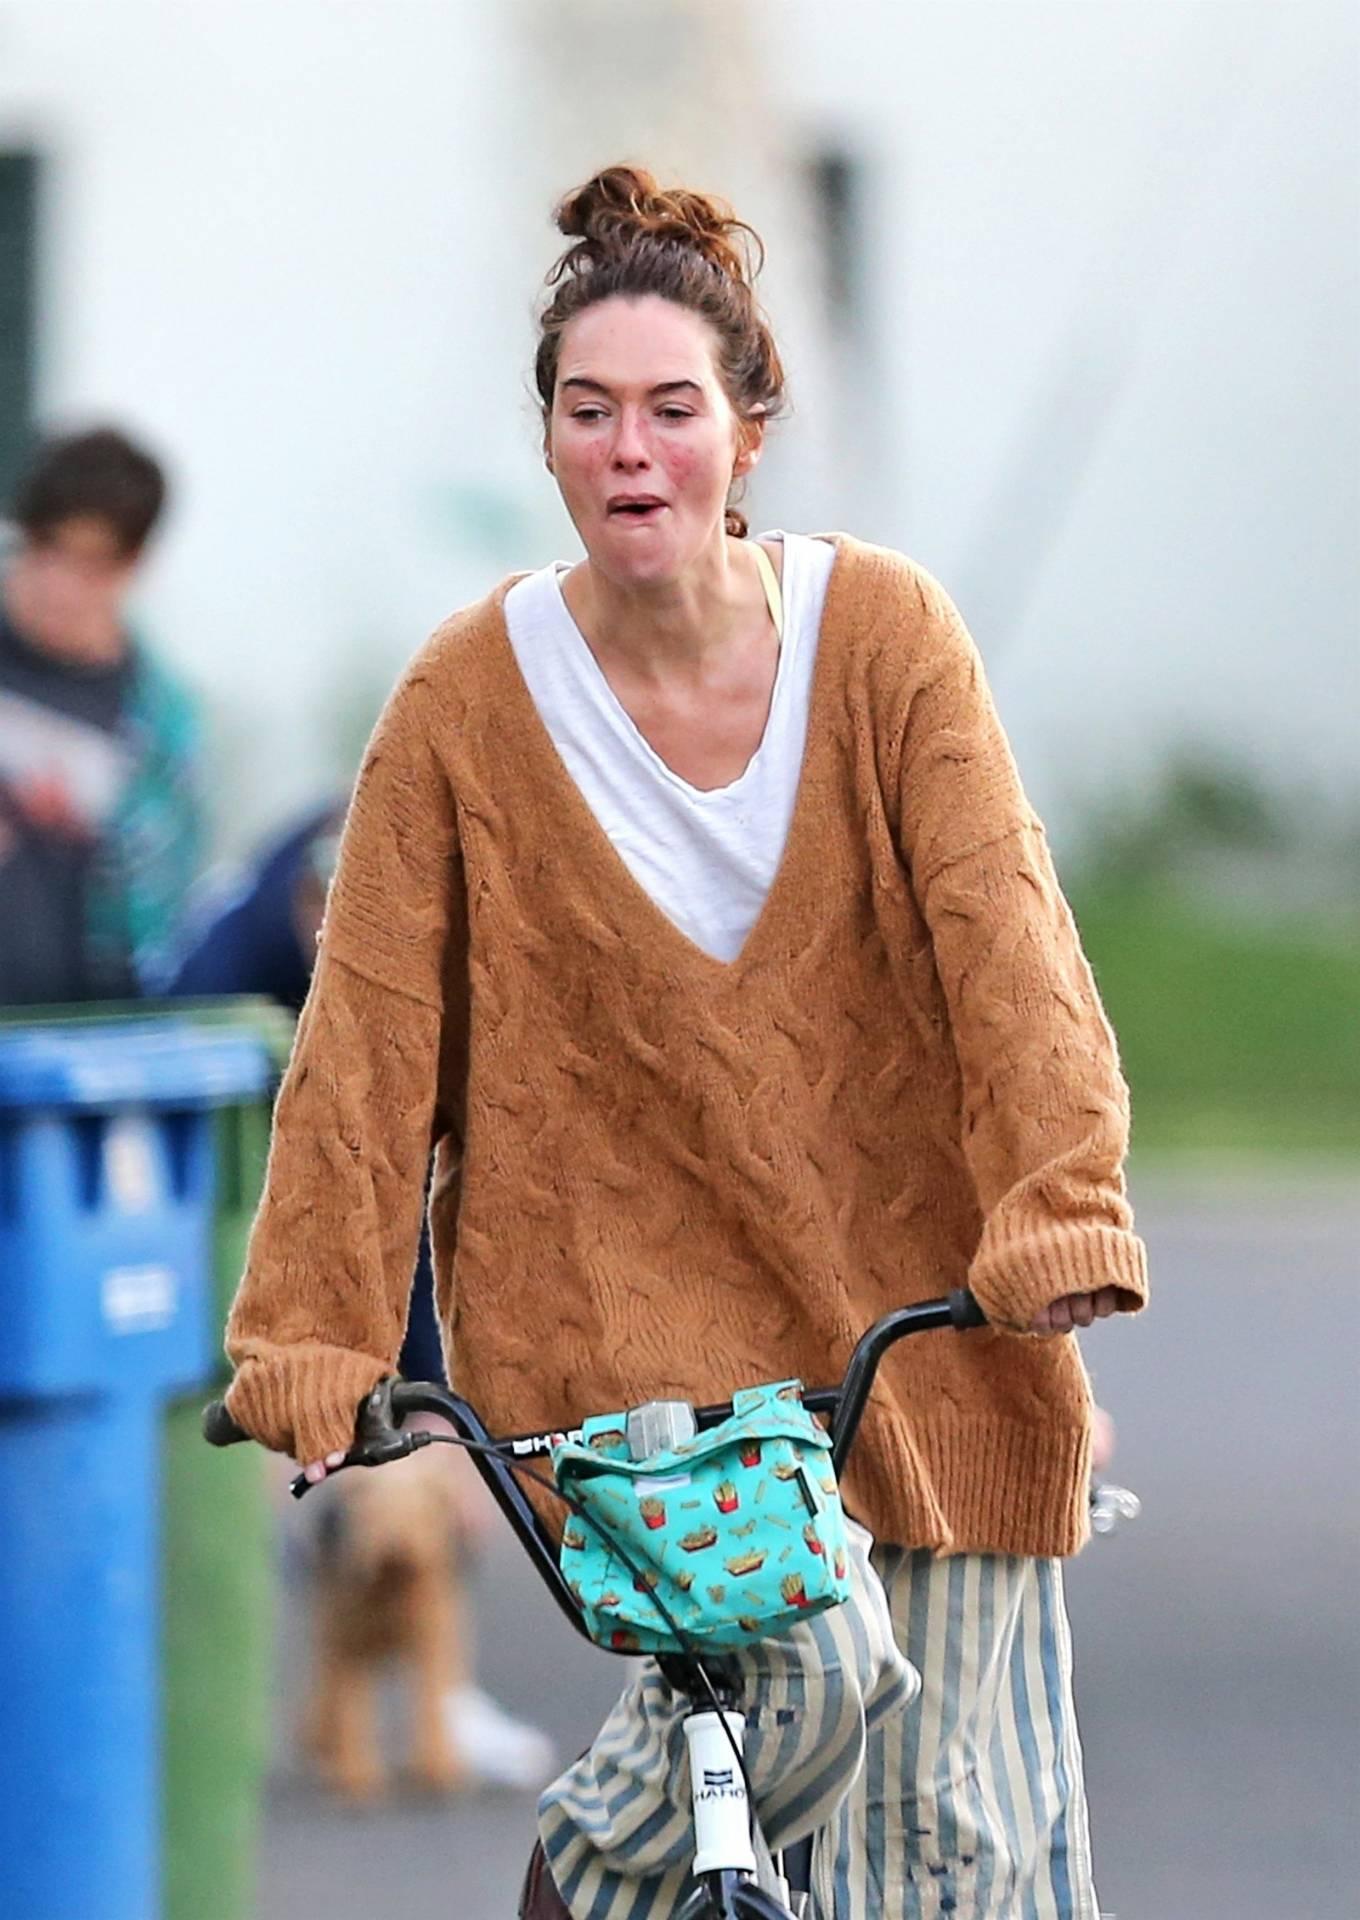 Lena Headey 2020 : Lena Headey – Riding a bicycle in Los Angeles-08